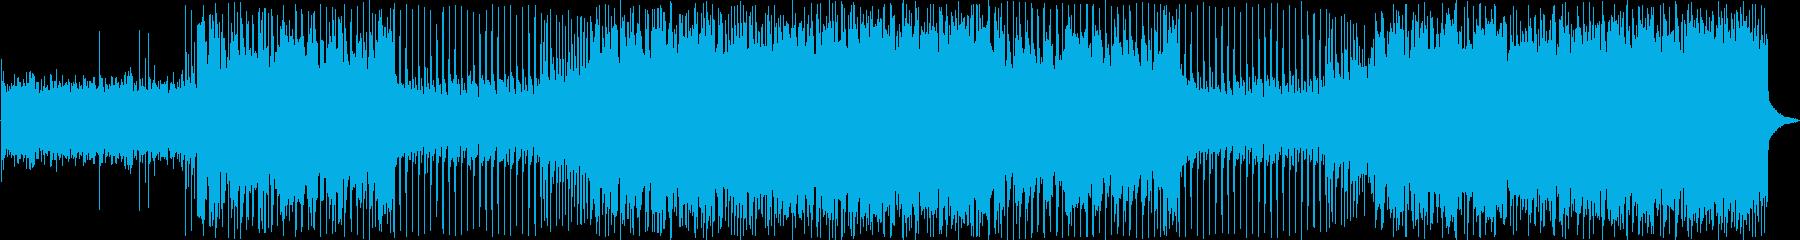 インディーズ ロック ポップ バト...の再生済みの波形